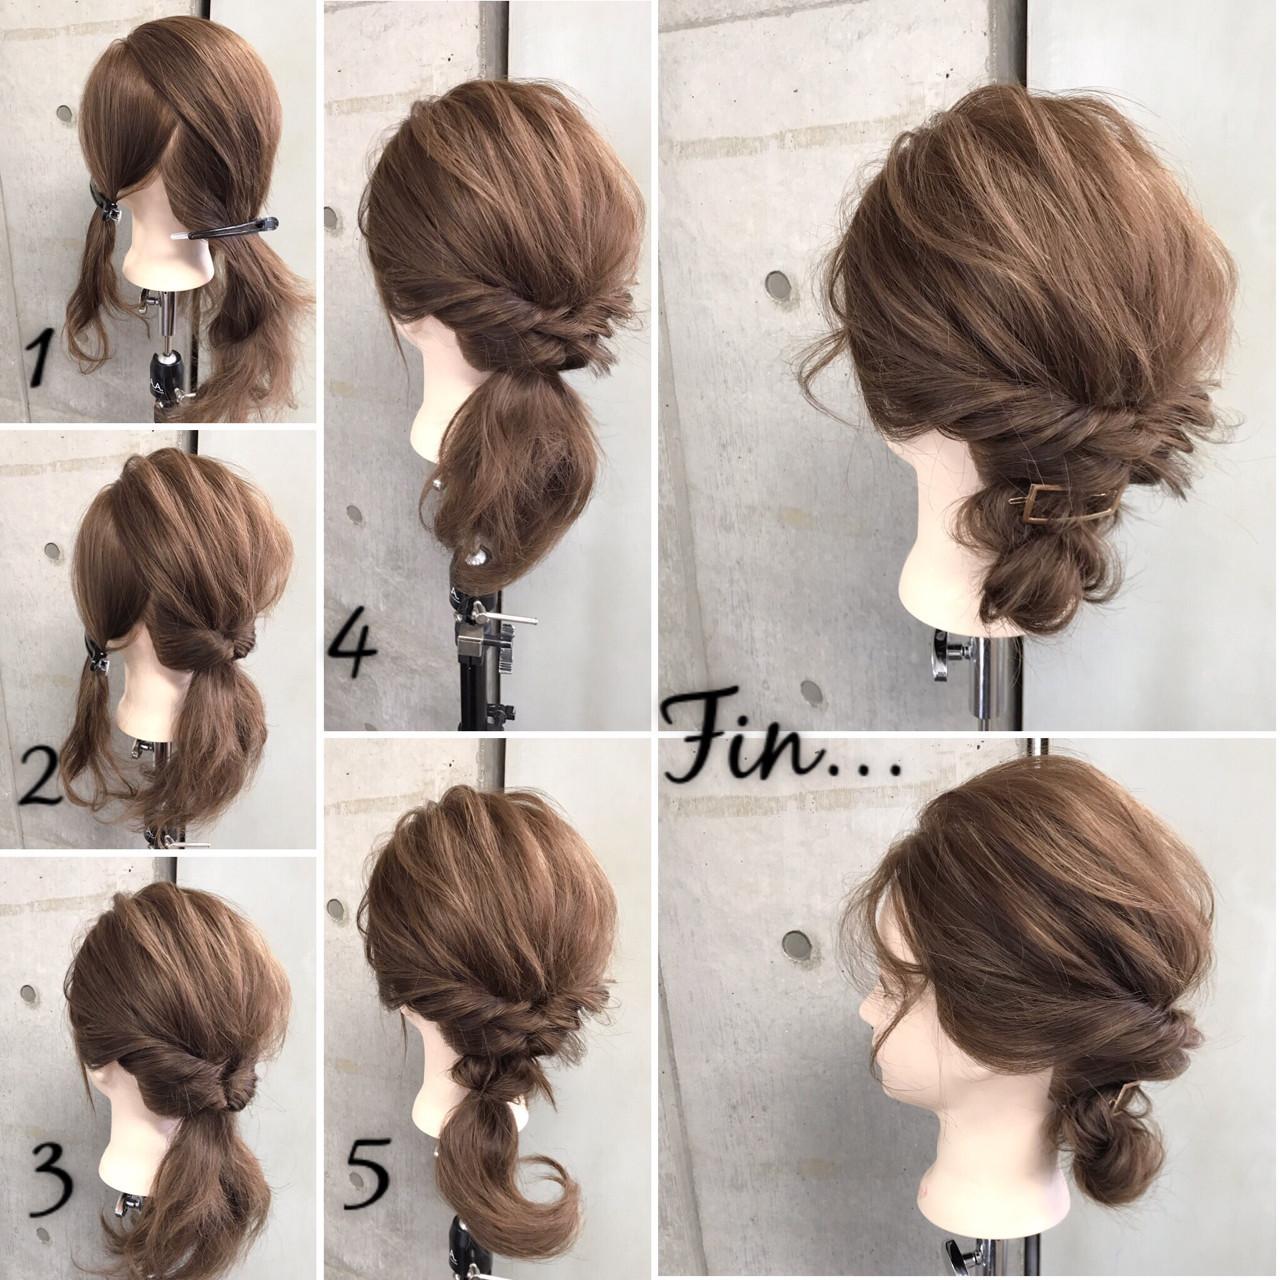 【結婚式】お呼ばれヘアアレンジ♡シンプルで上品なミディアムの髪型 東海林